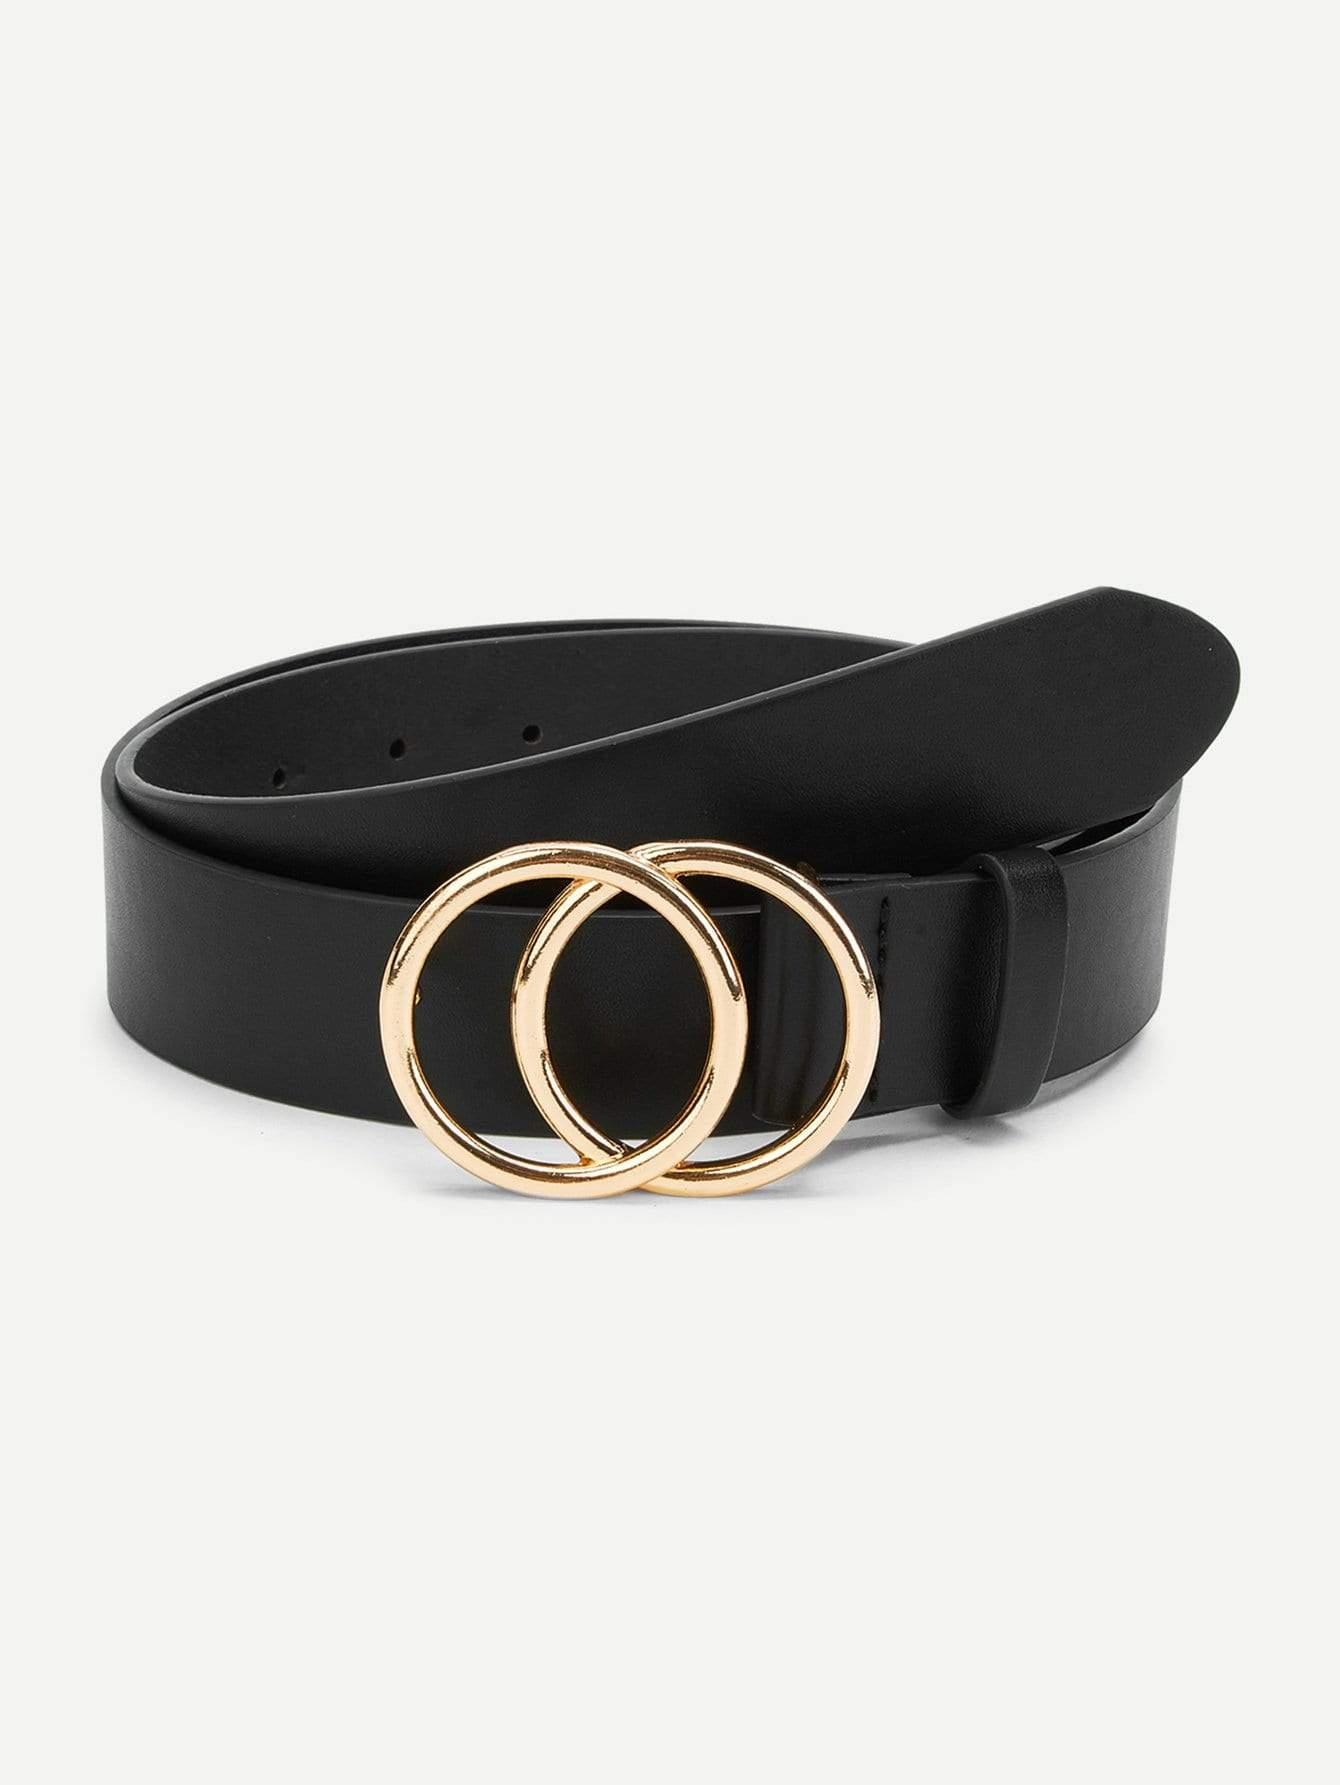 e6d6440c5ae12 double circle buckle belt. #belts #accessories #women #fashion ...